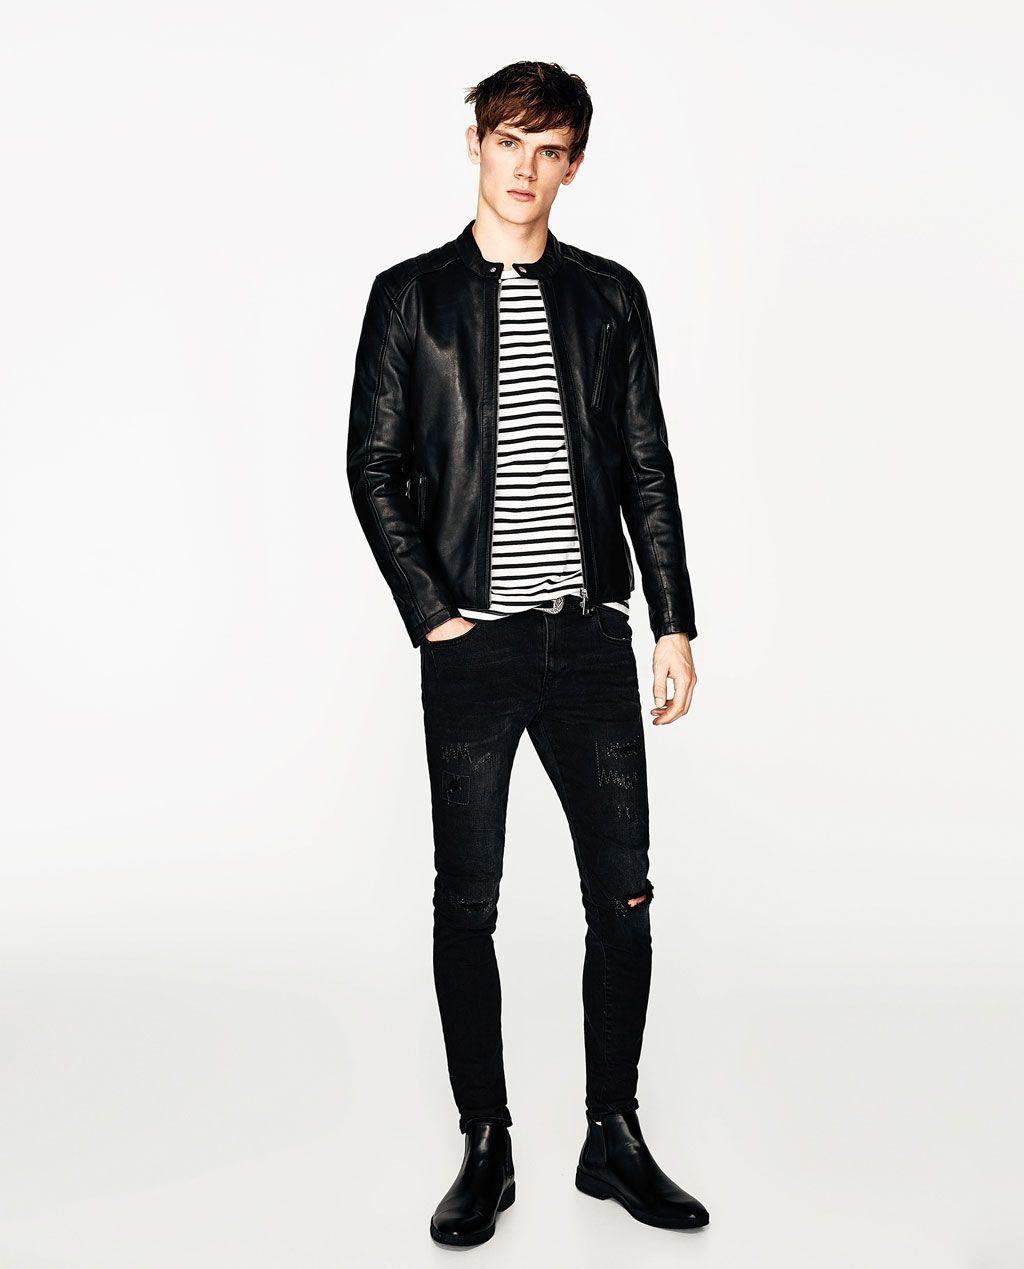 Chaqueta De Cuero Hombre Zara Chaqueta Chaquetadecuero Cuero Hombre Grey Leather Jacket Mens Leather Jacket Cool Jackets For Men